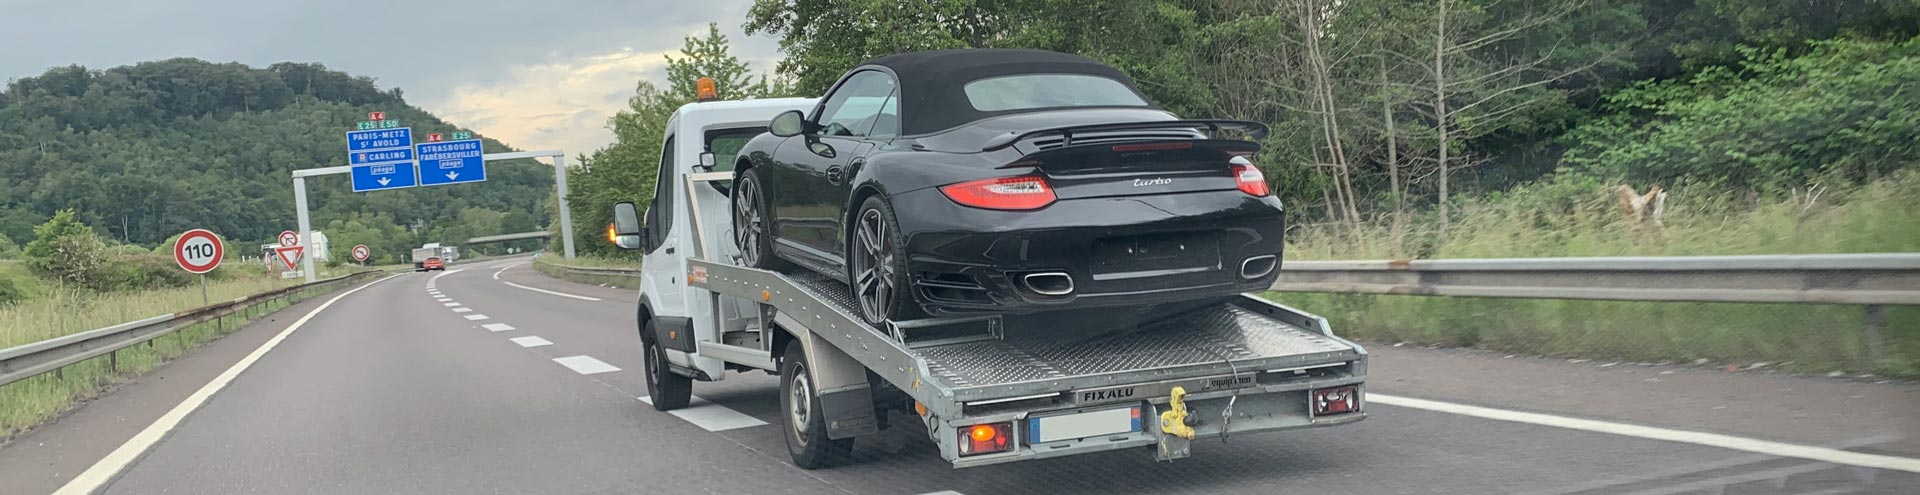 Votre Porsche a été volée : comment réagir ?